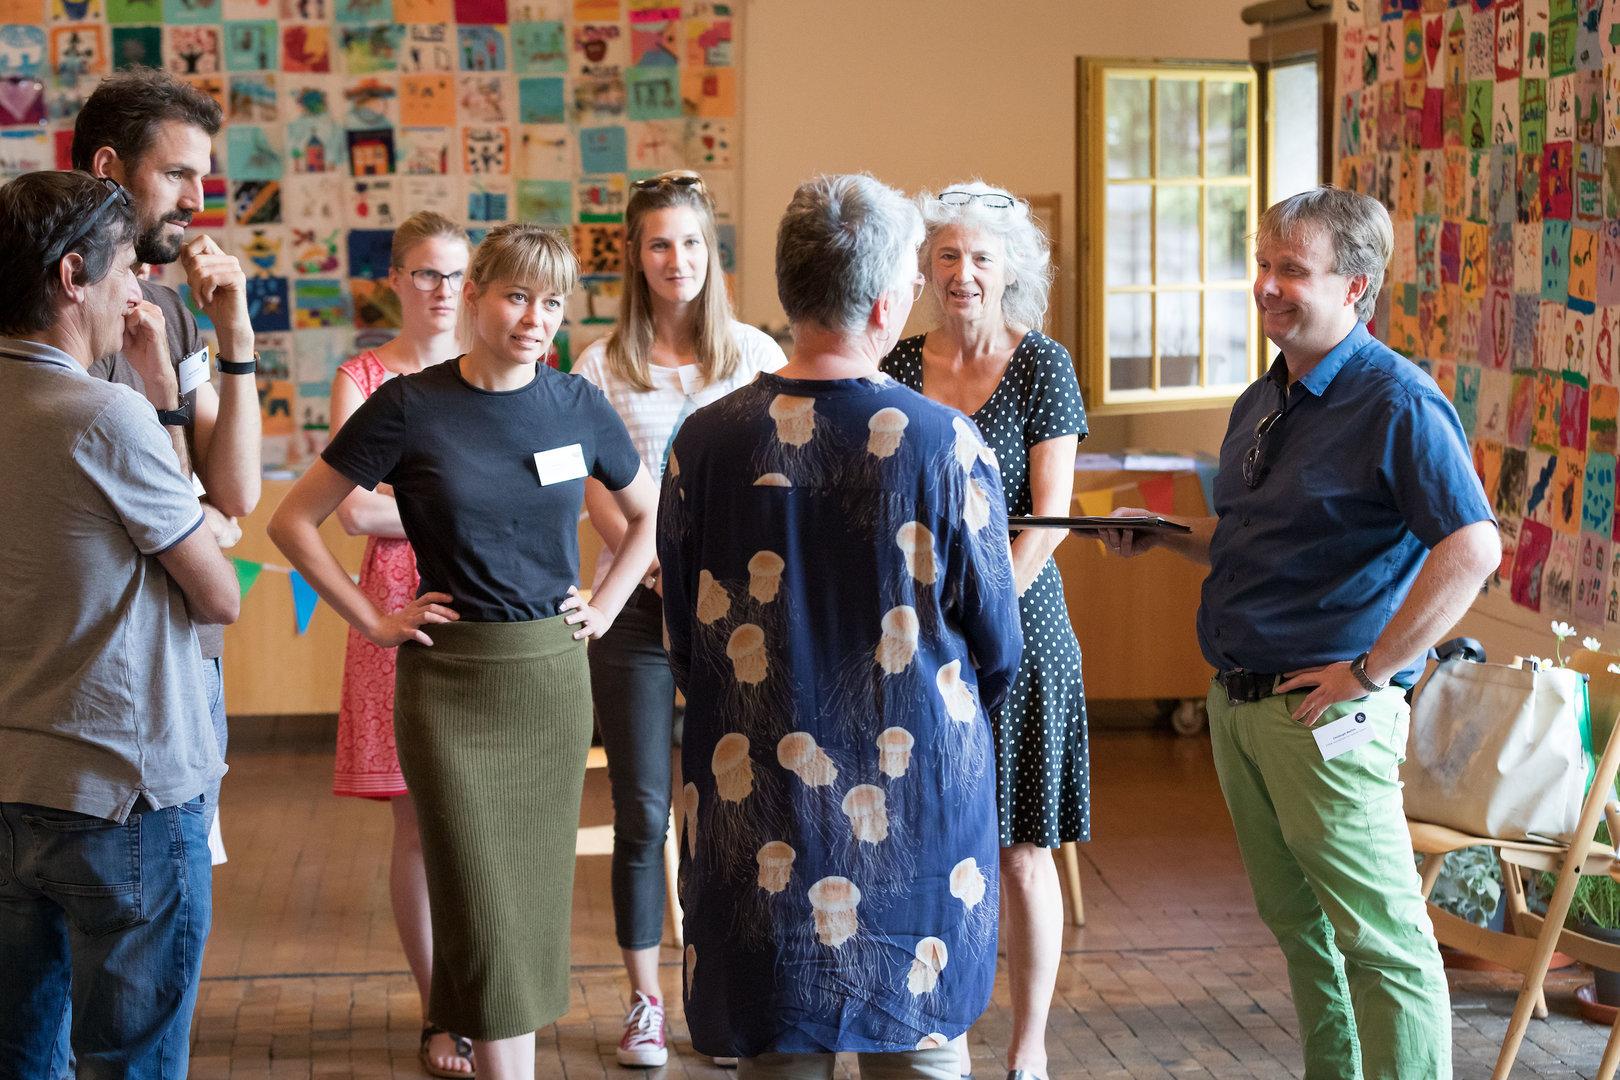 Auch zwischen Referaten und Workshops fanden rege Gespräche zwischen den Teilnehmern statt.